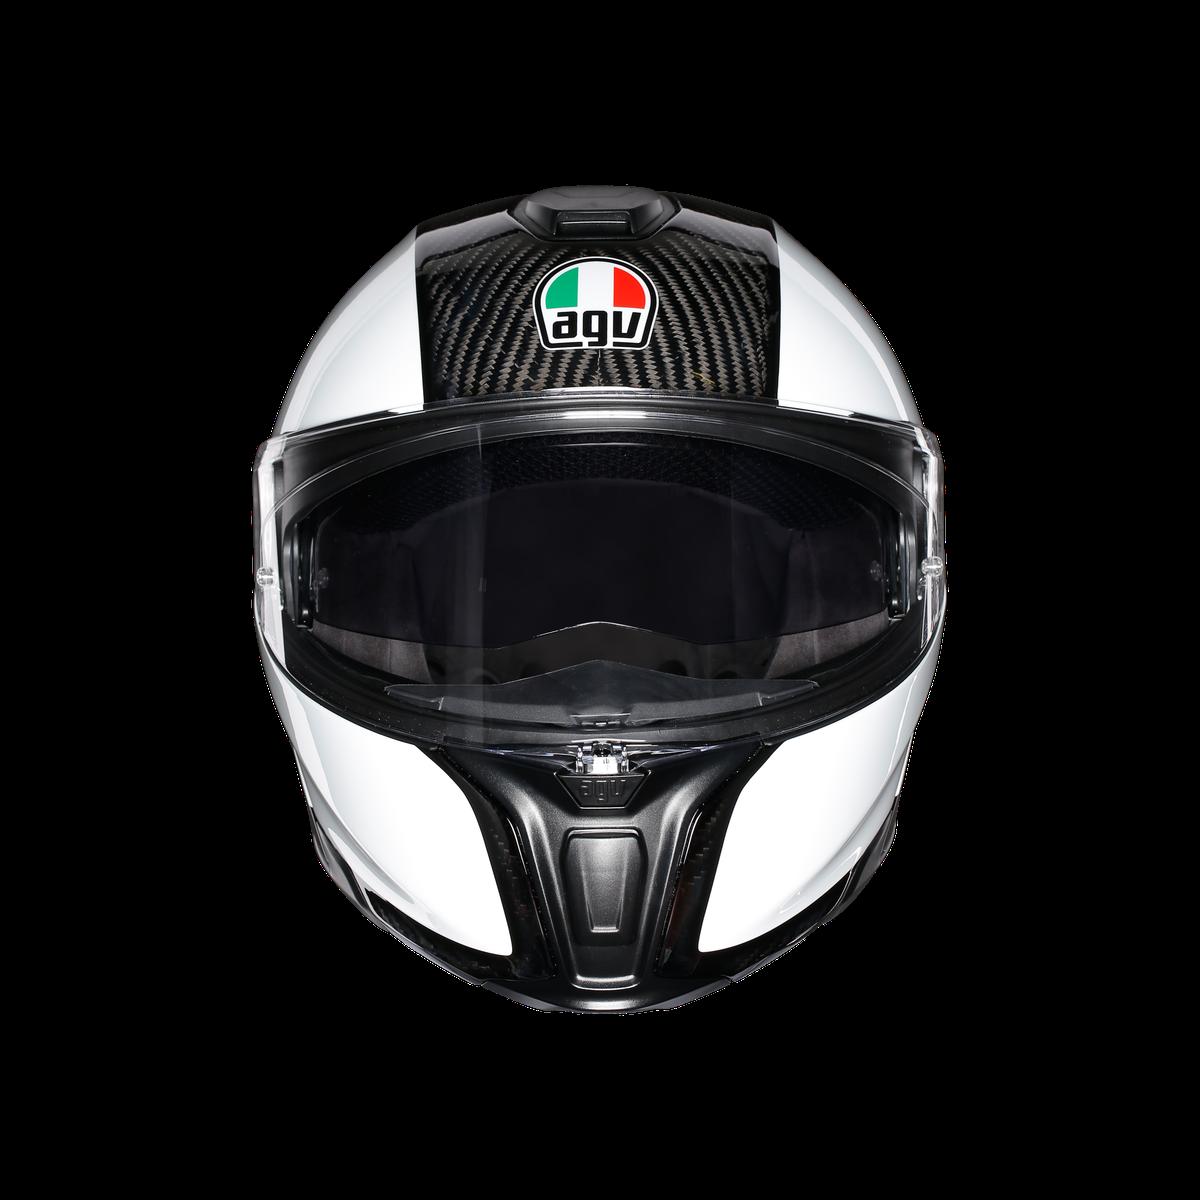 Agv Sportmodular Carbon White Helmet Lsh Racing World